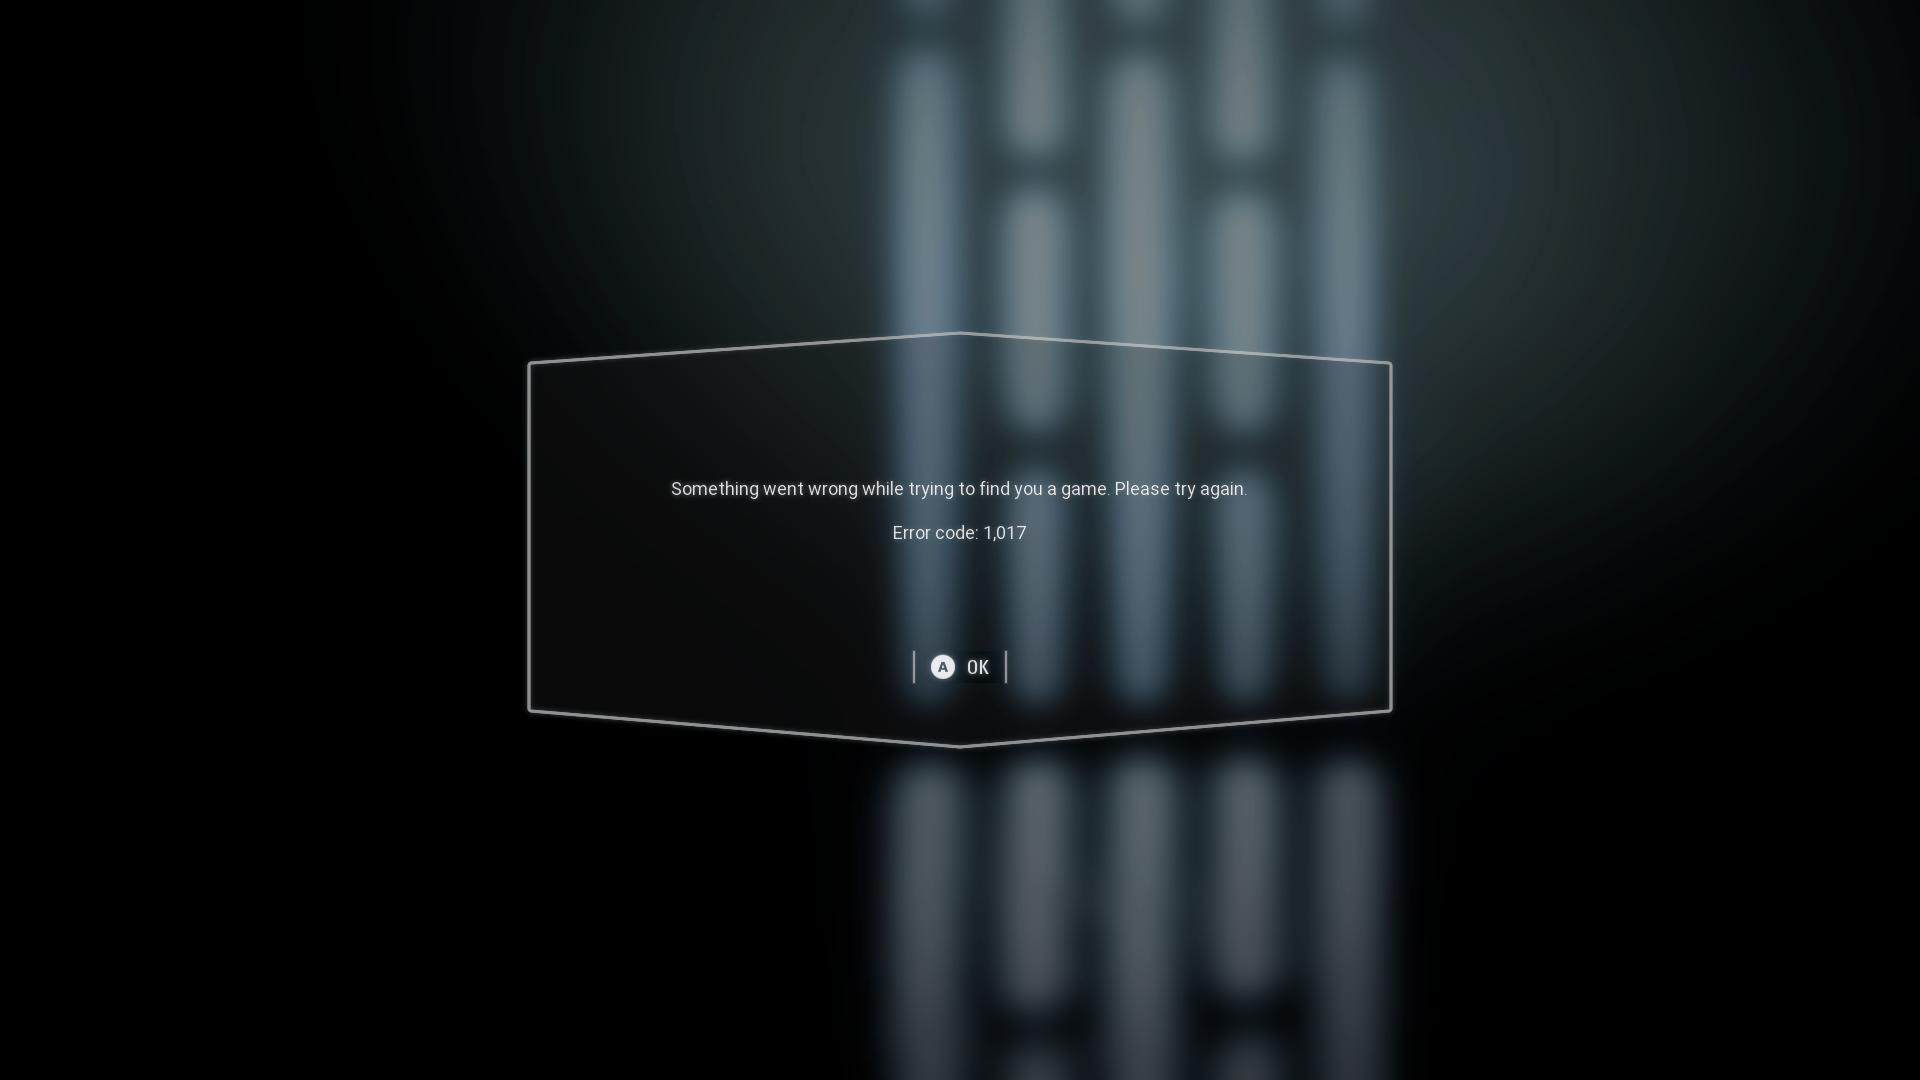 Error 1,017 on XBox One - Answer HQ